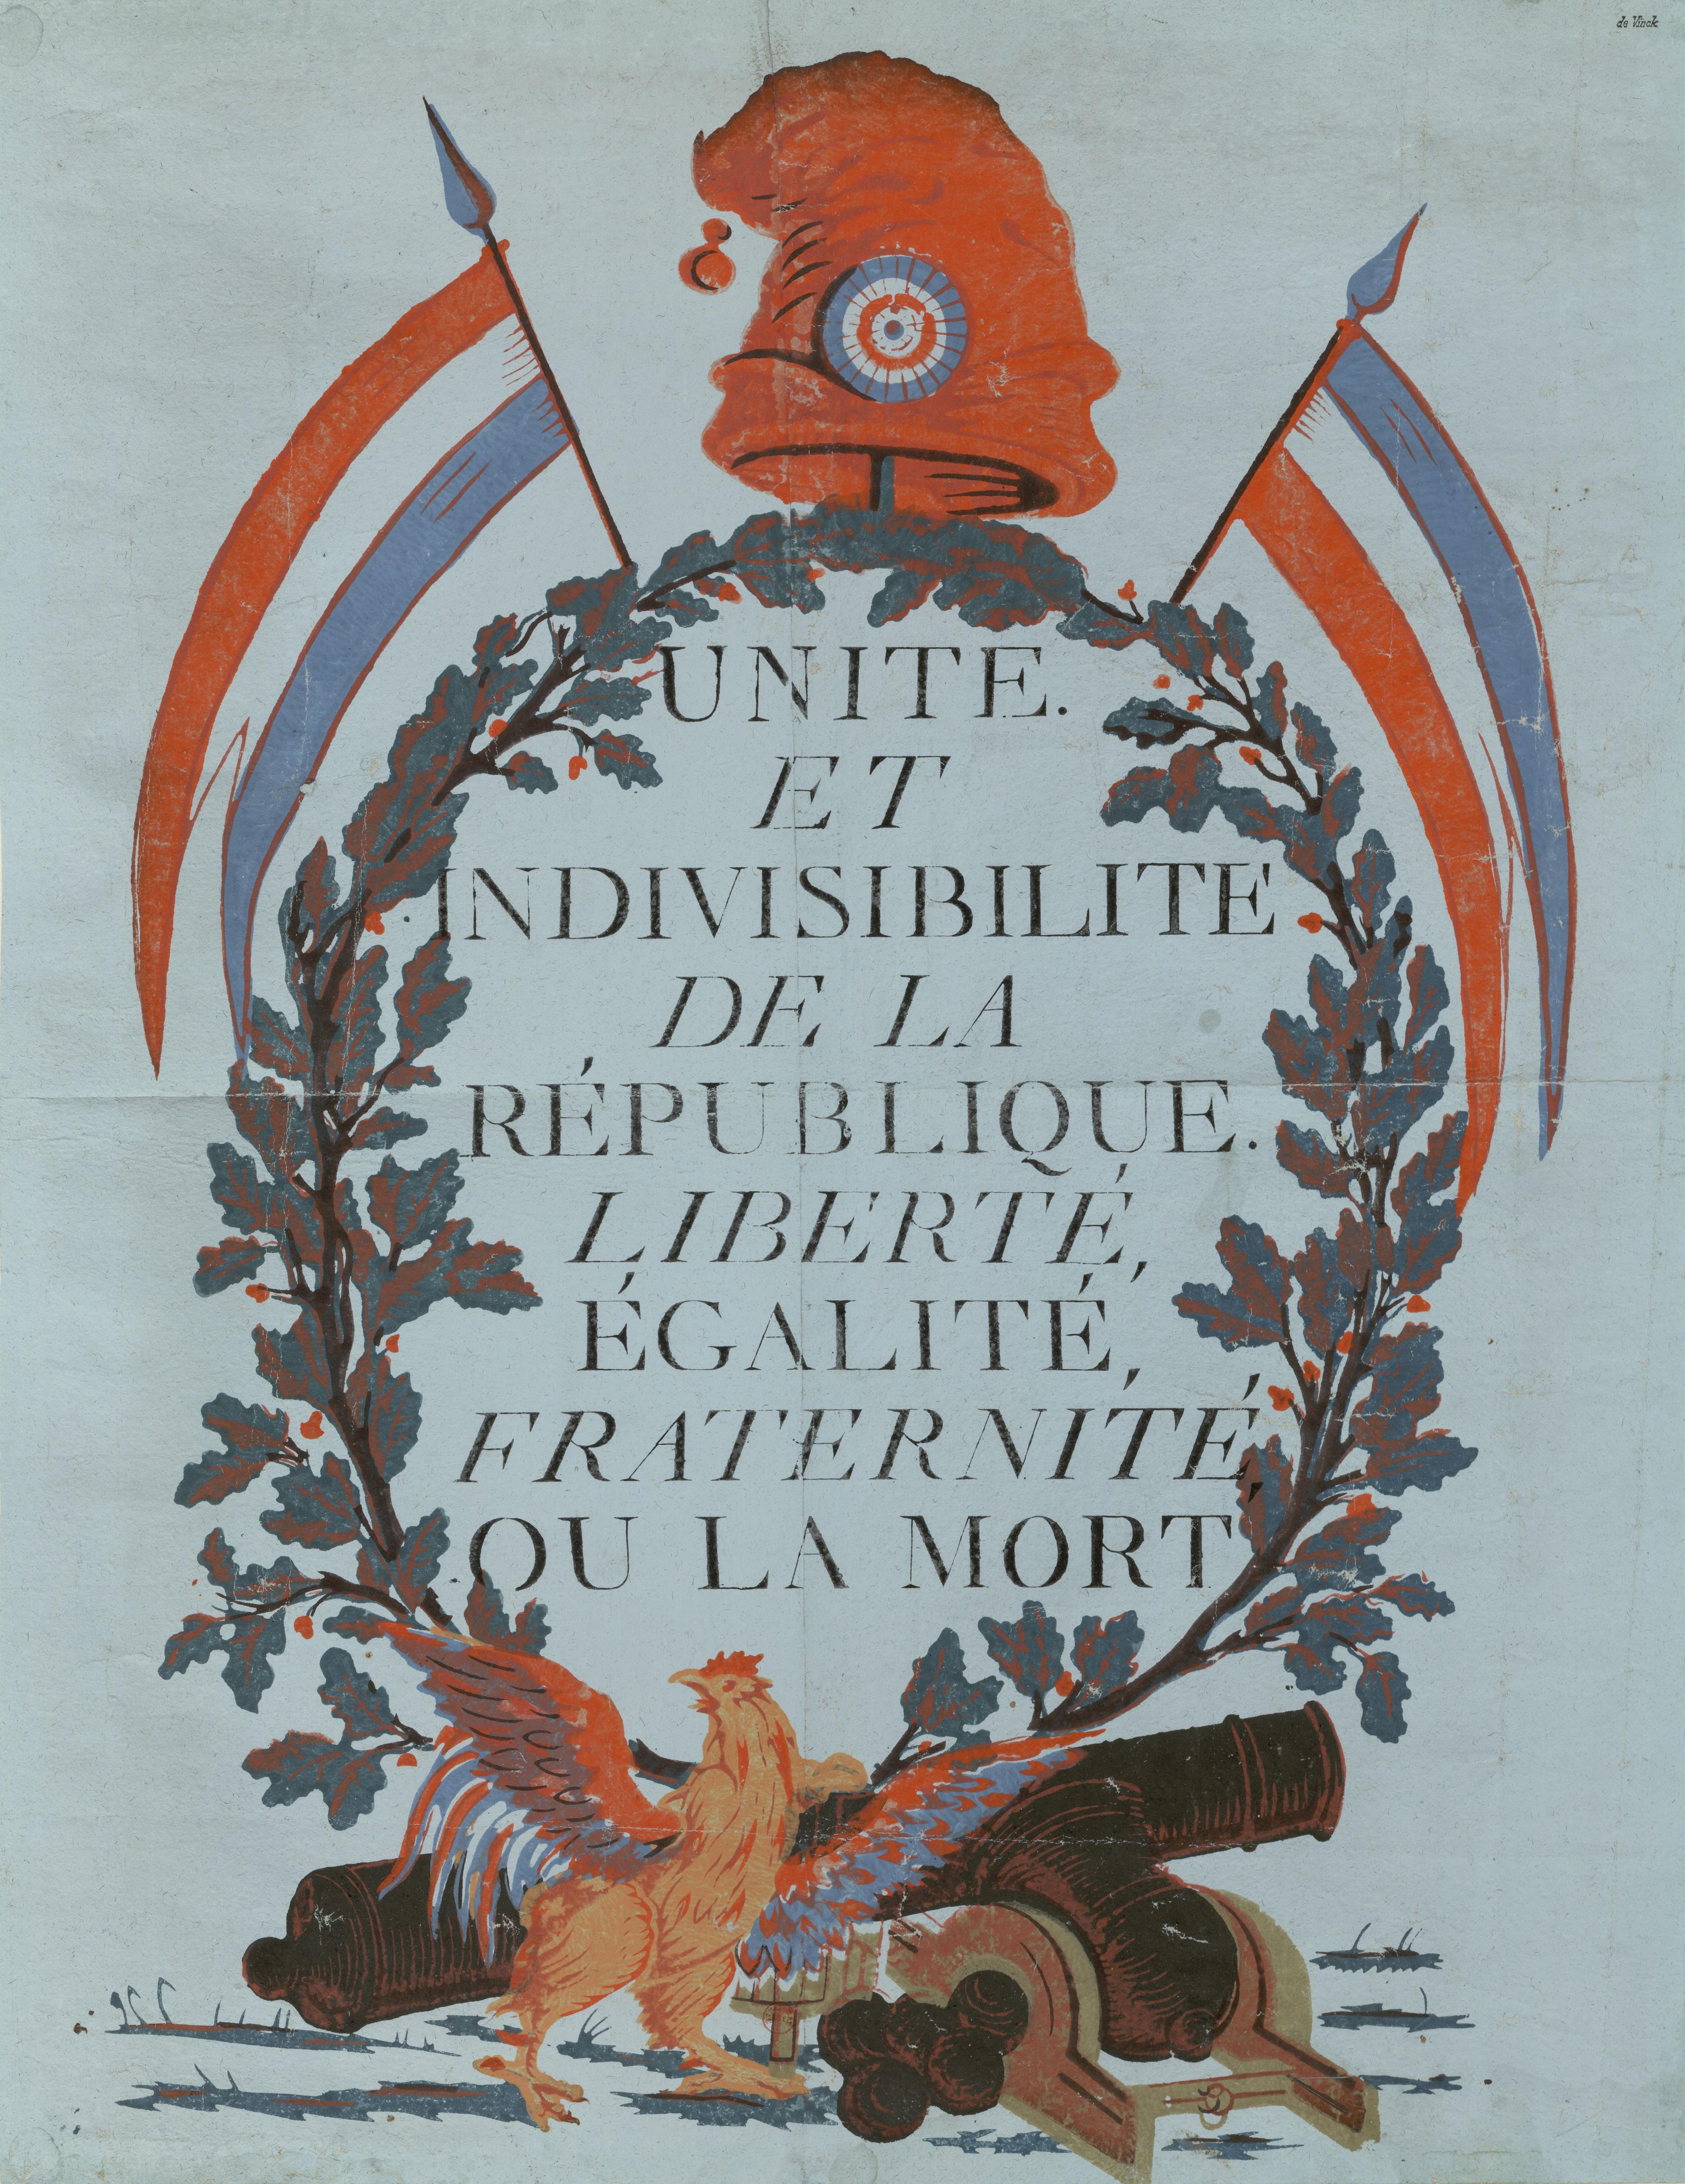 Liberté, égalité, fraternité - Wikipedia